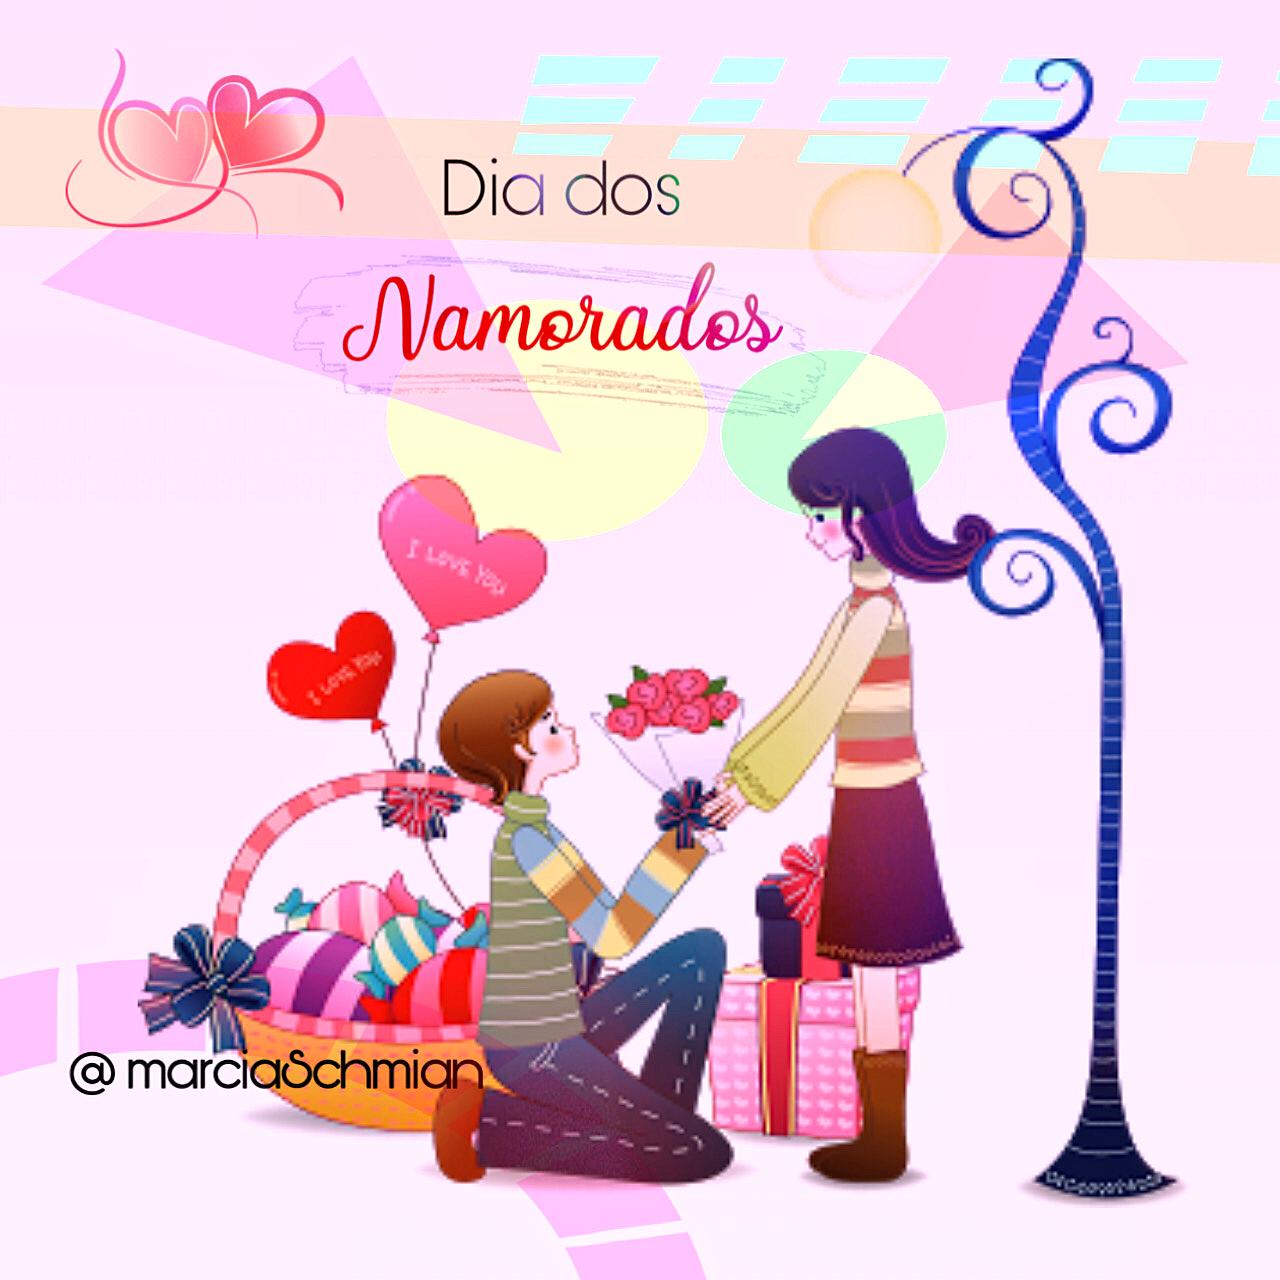 #diadosnamorados #namorados #bomdia #buenosdias #frases #vidaqueimporta #marciaschmian